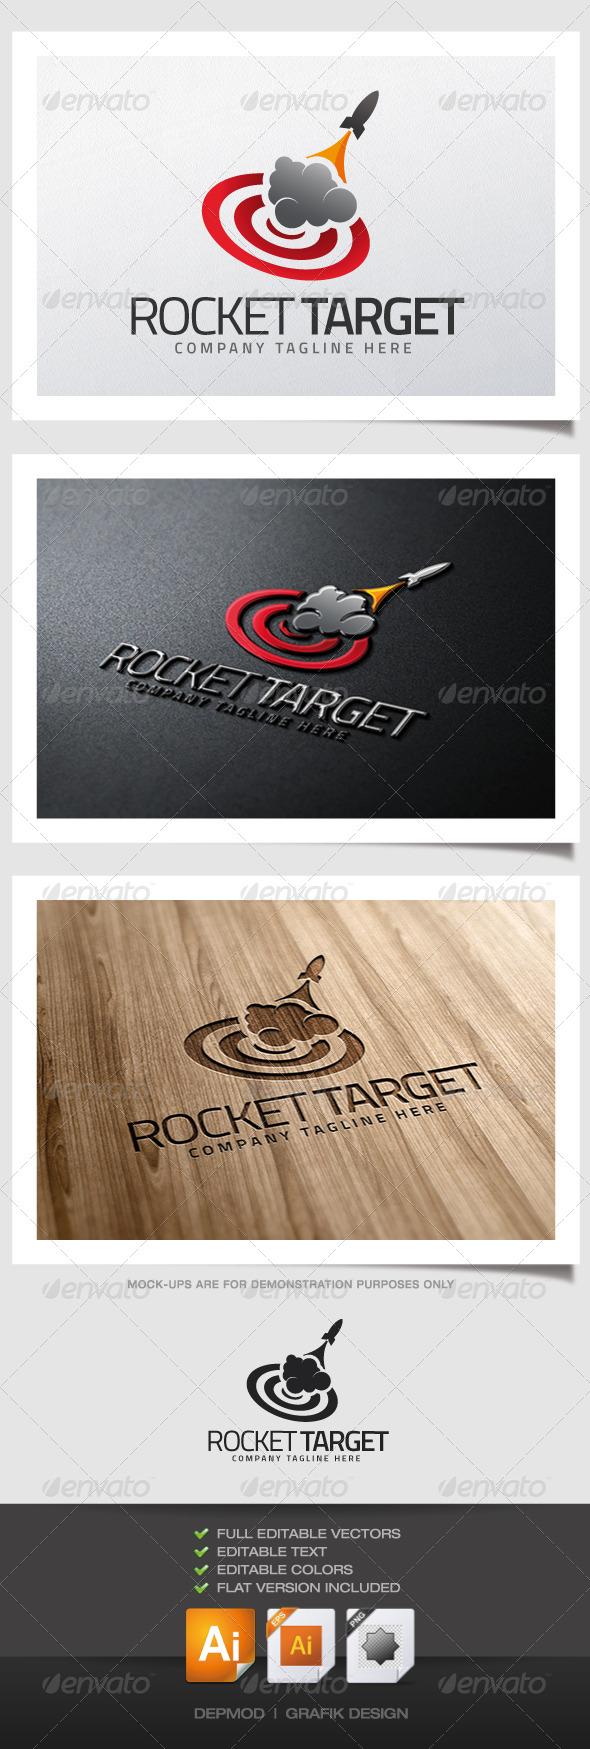 GraphicRiver Rocket Target Logo 5195203